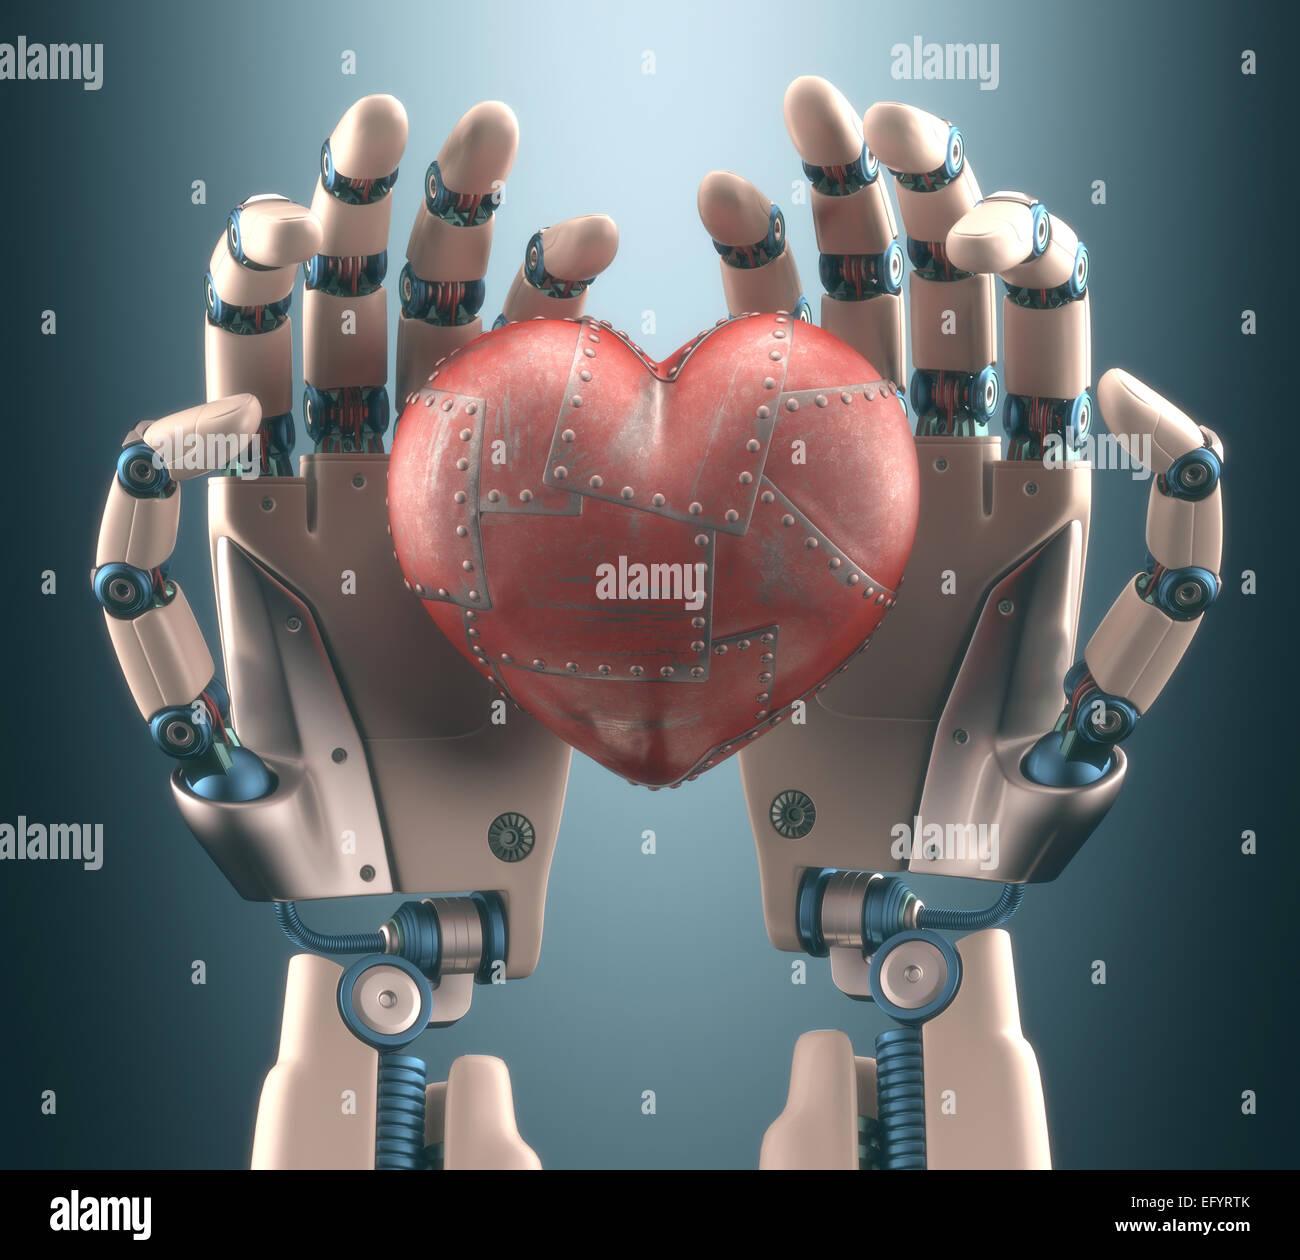 Robot a mano che regge un cuore di metallo. Percorso di clipping incluso. Immagini Stock